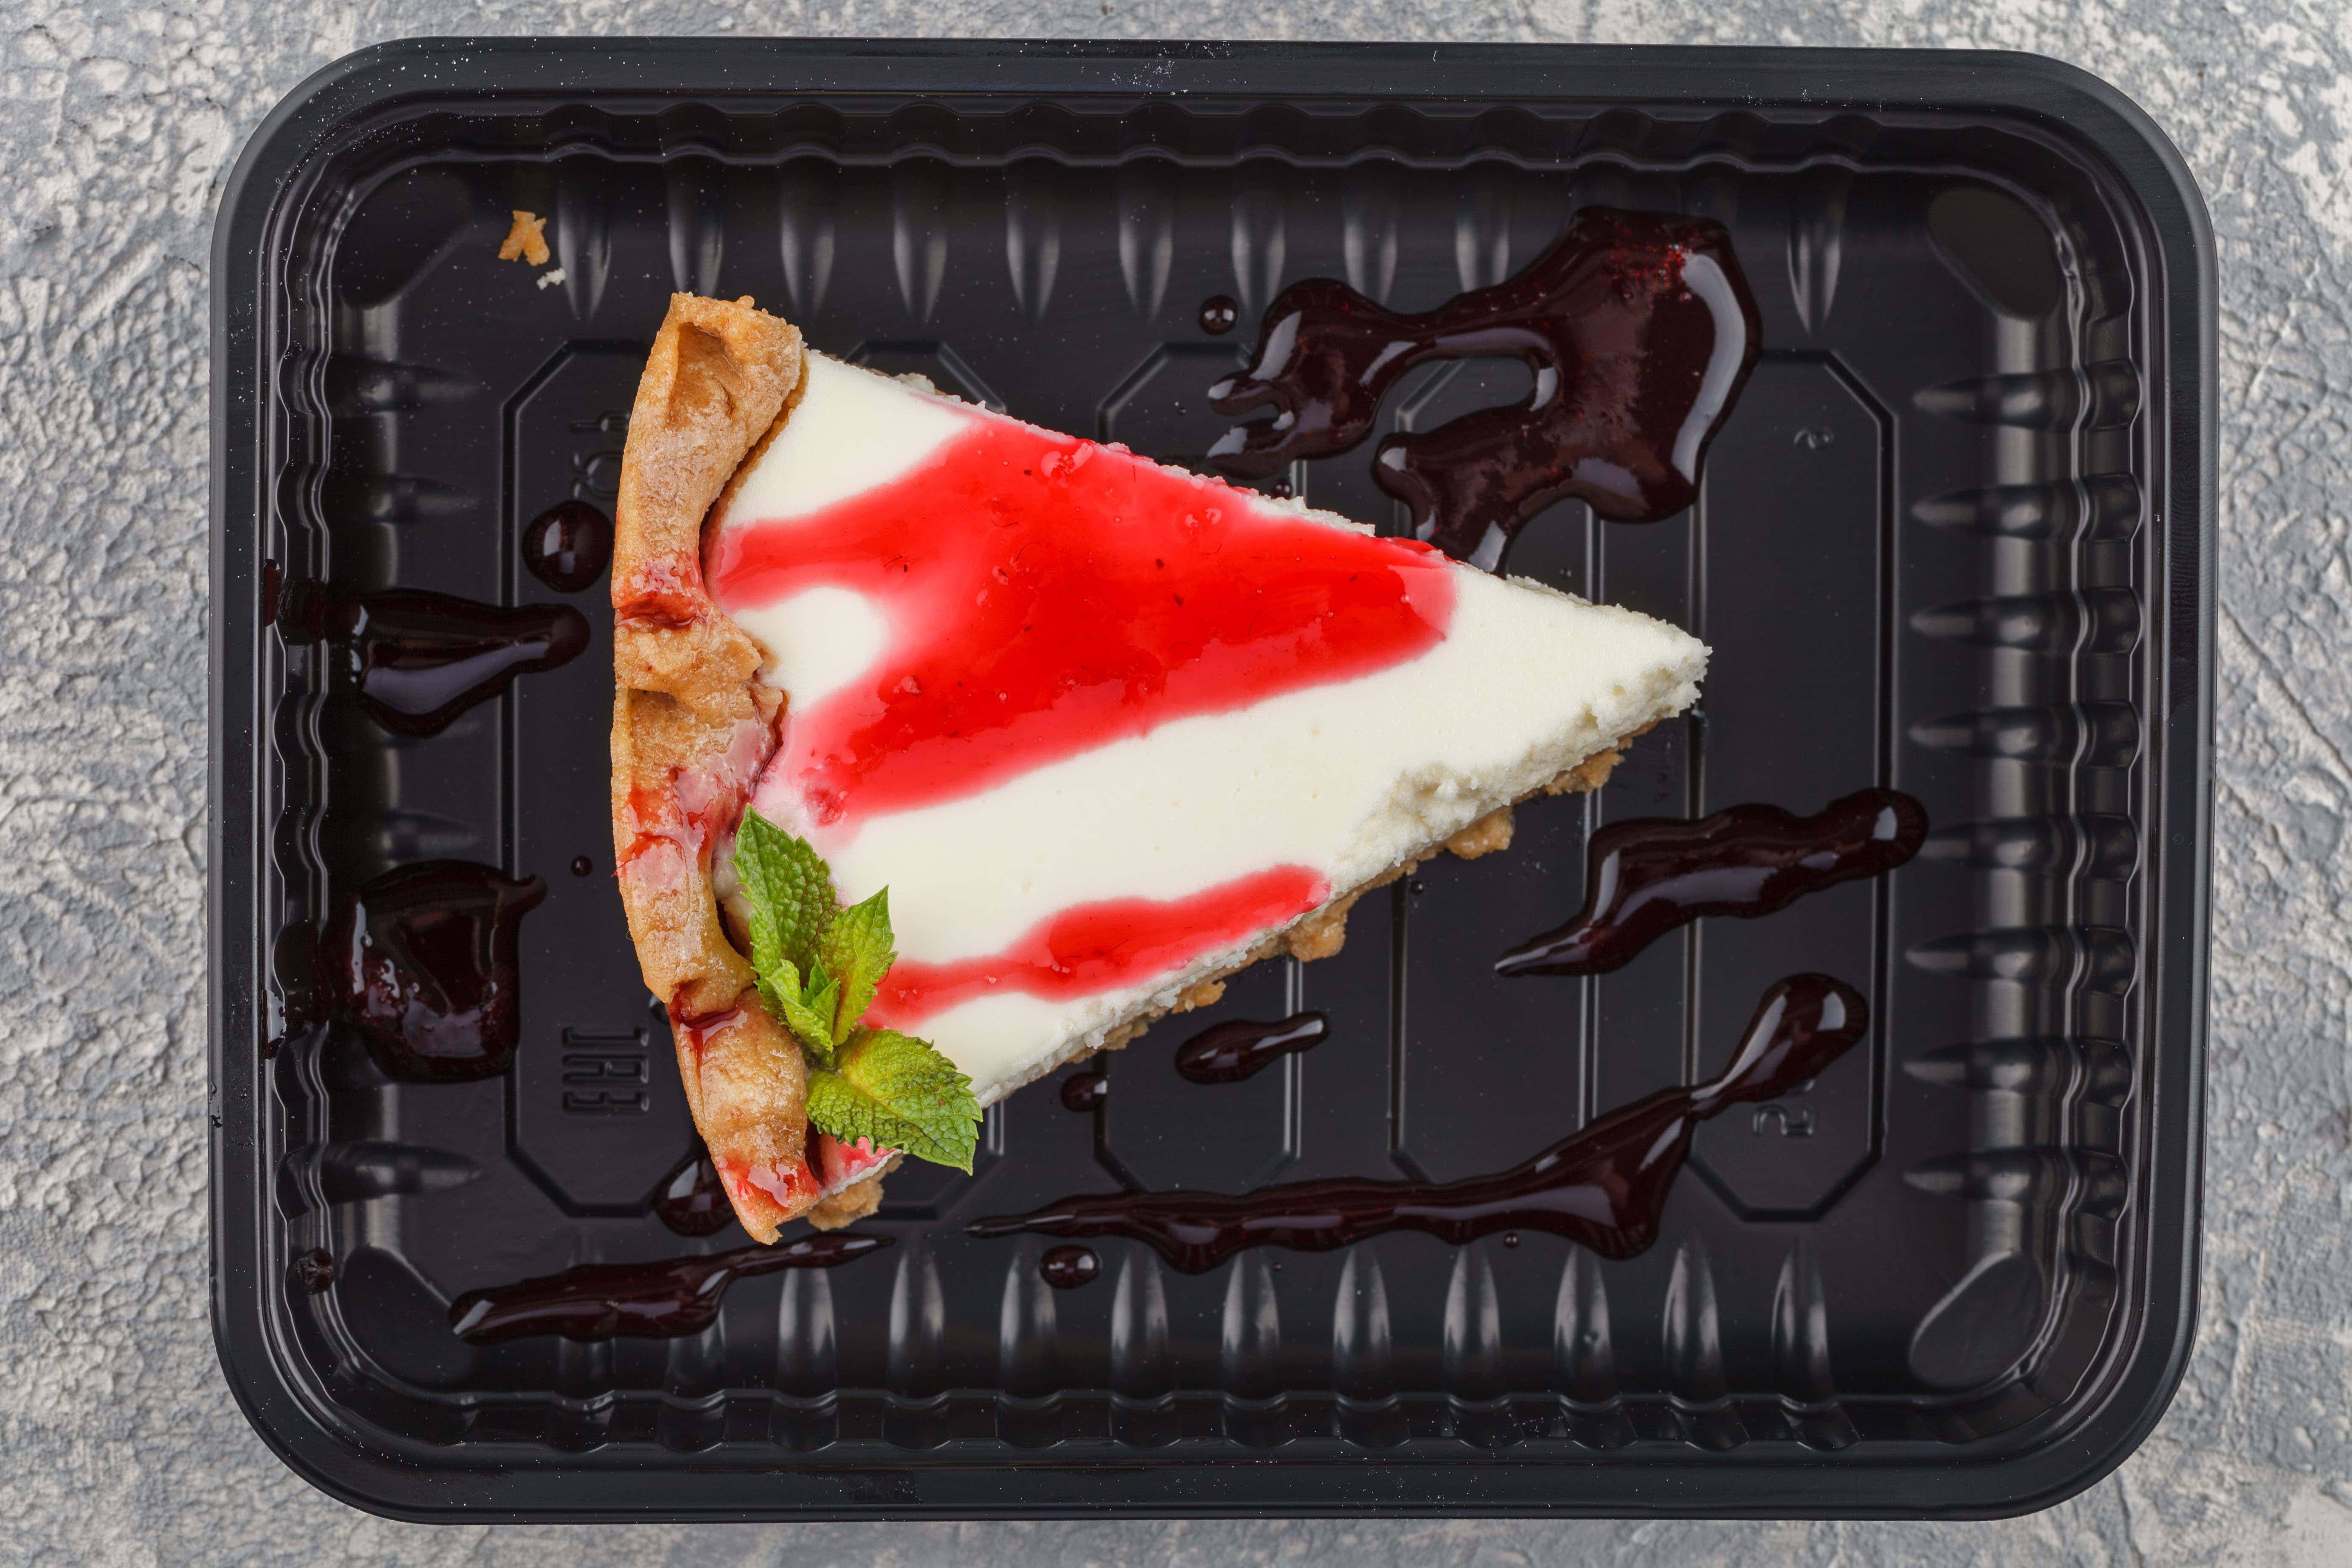 Classic cheese cake